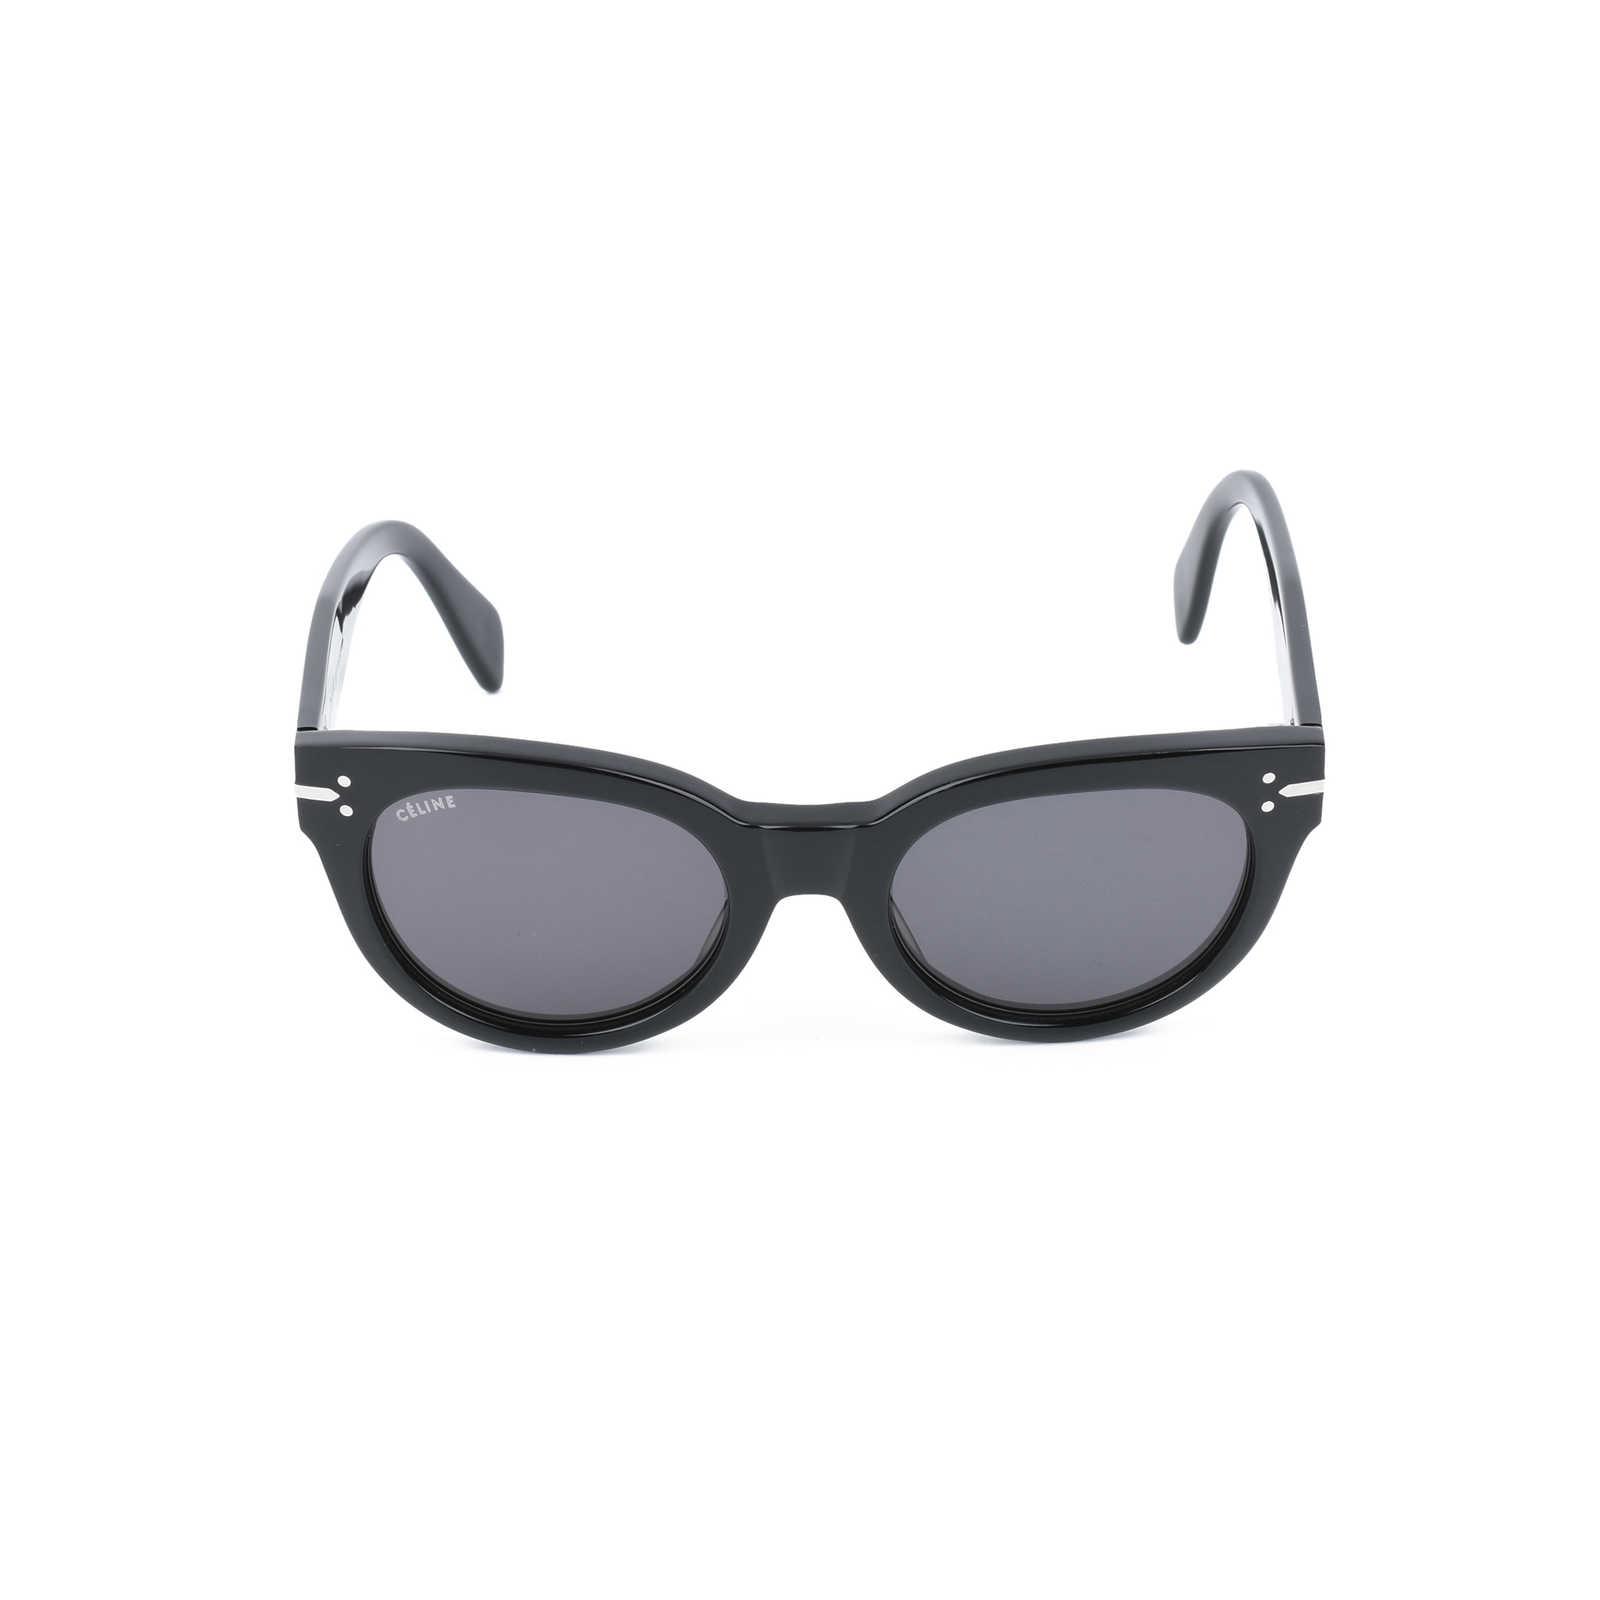 311b905e4c49 ... Authentic Second Hand Céline Audrey Sunglasses (PSS-420-00009) -  Thumbnail 2 ...